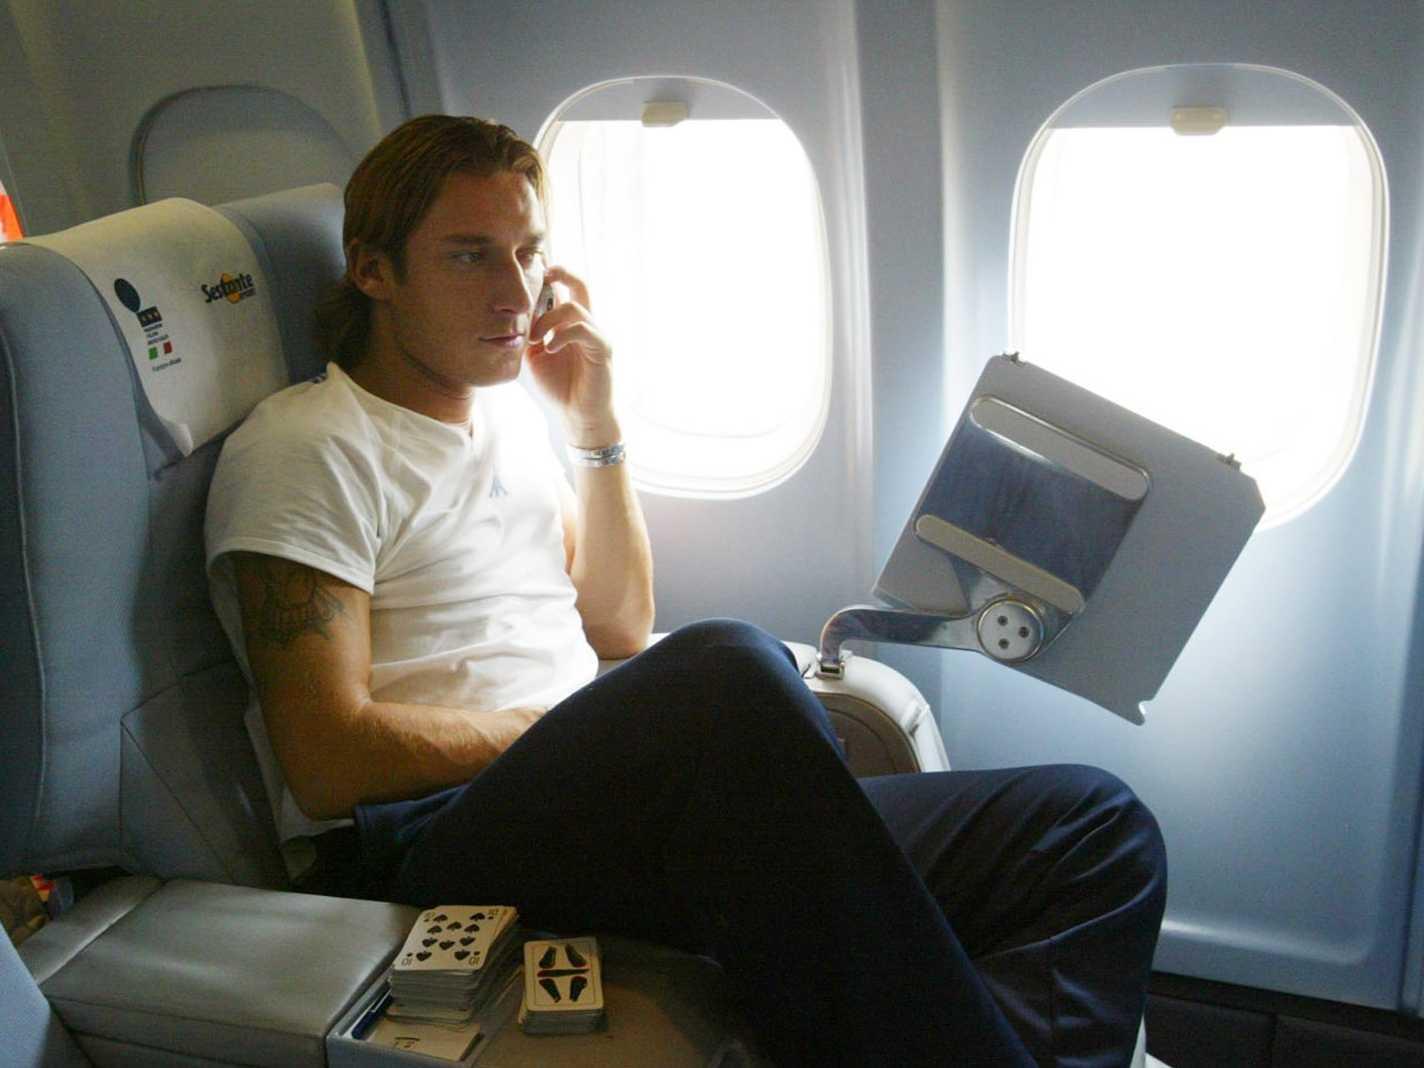 Vì sao chúng ta nên tắt điện thoại khi lên máy bay? - Ảnh 1.